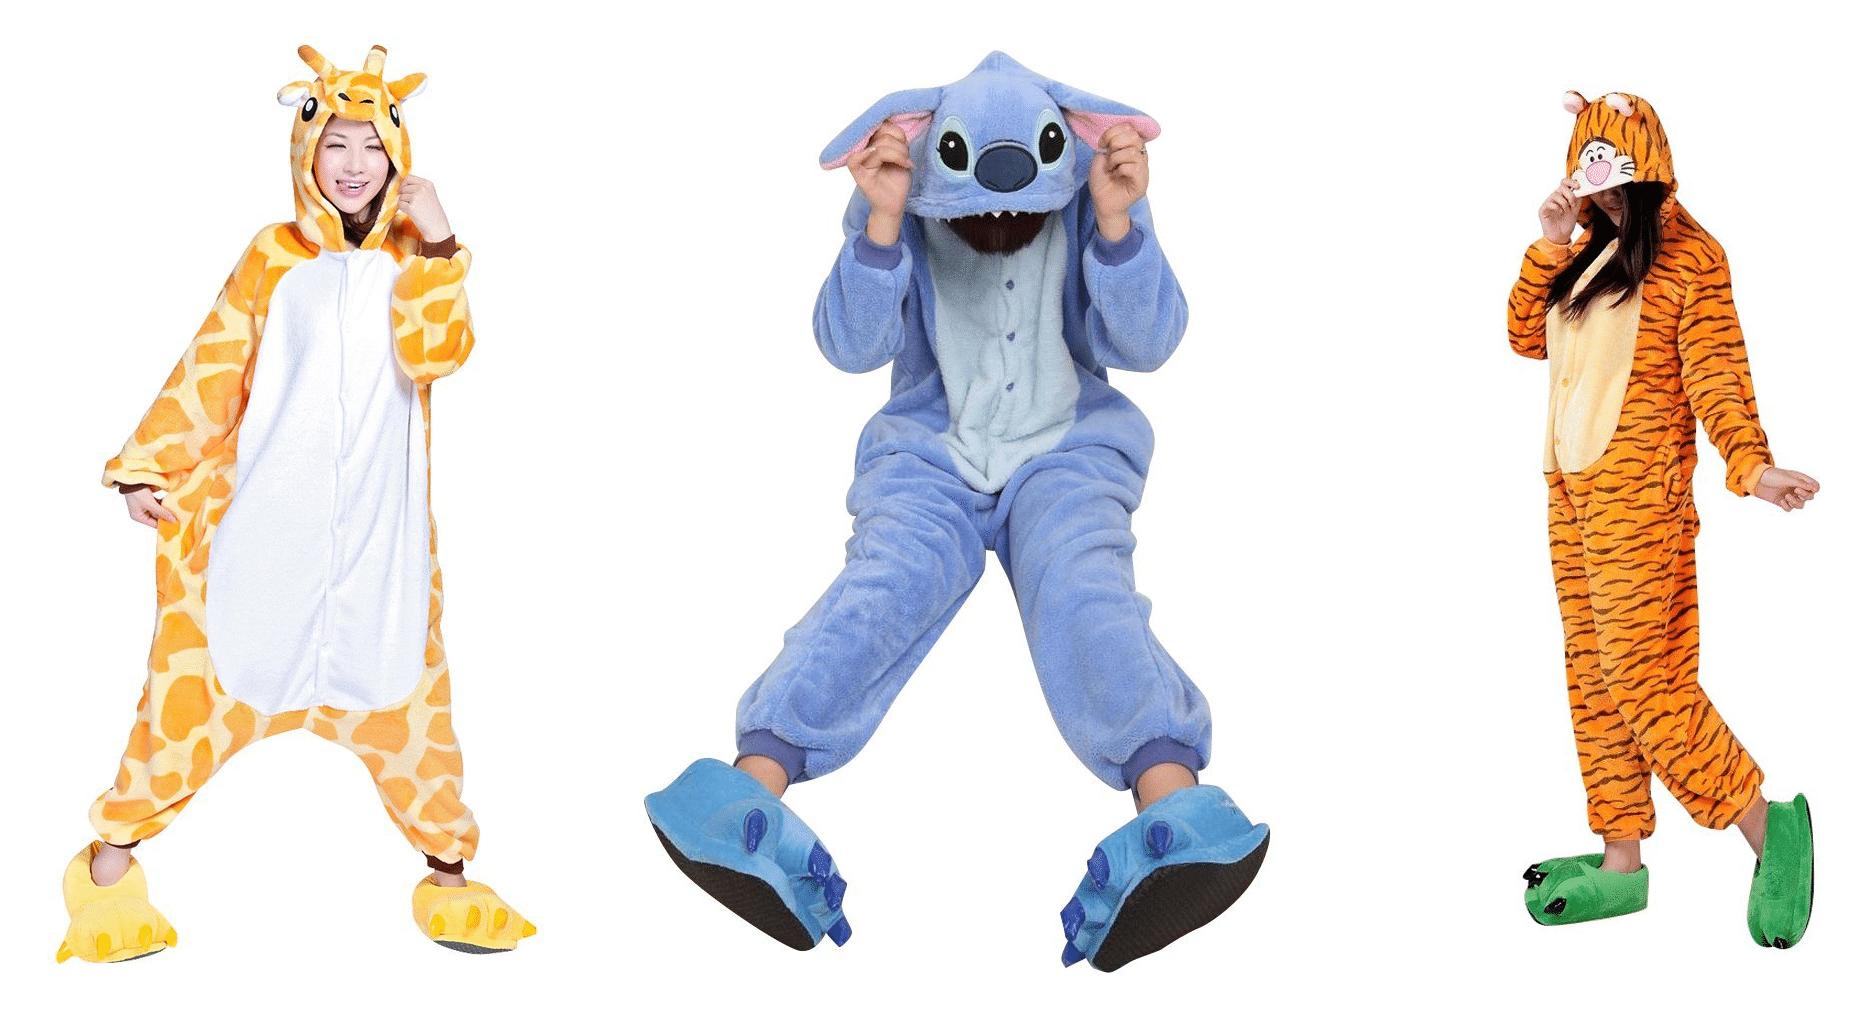 Pijamas giraffa Stitch e tigre